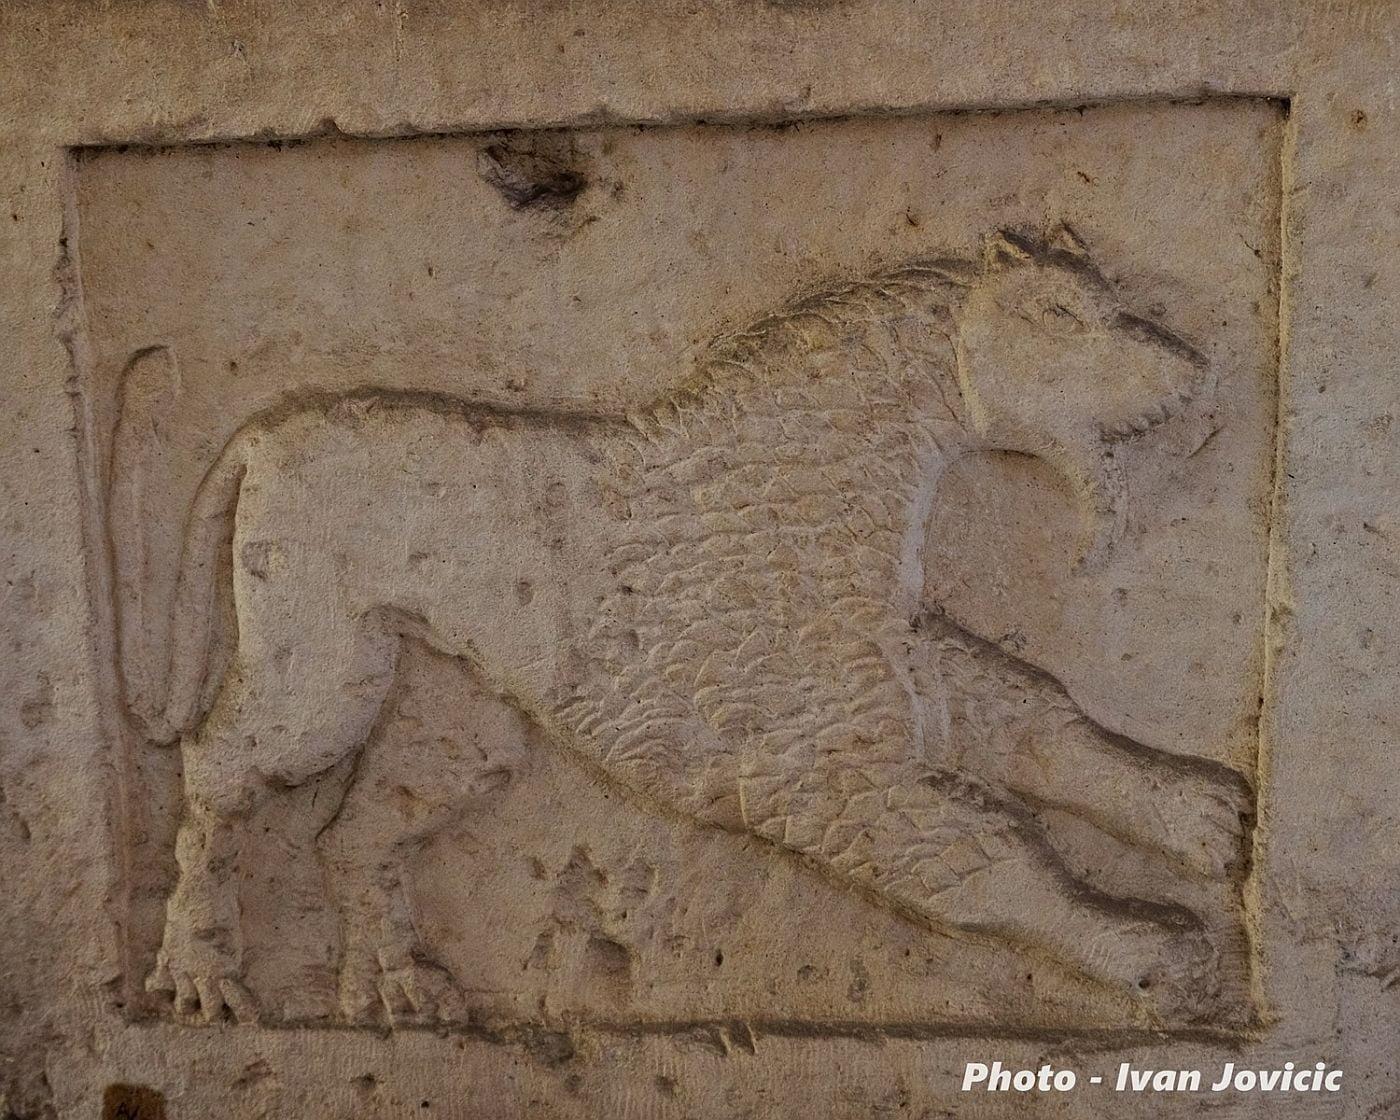 Rzymski relief ukazujący lwa lub wilka